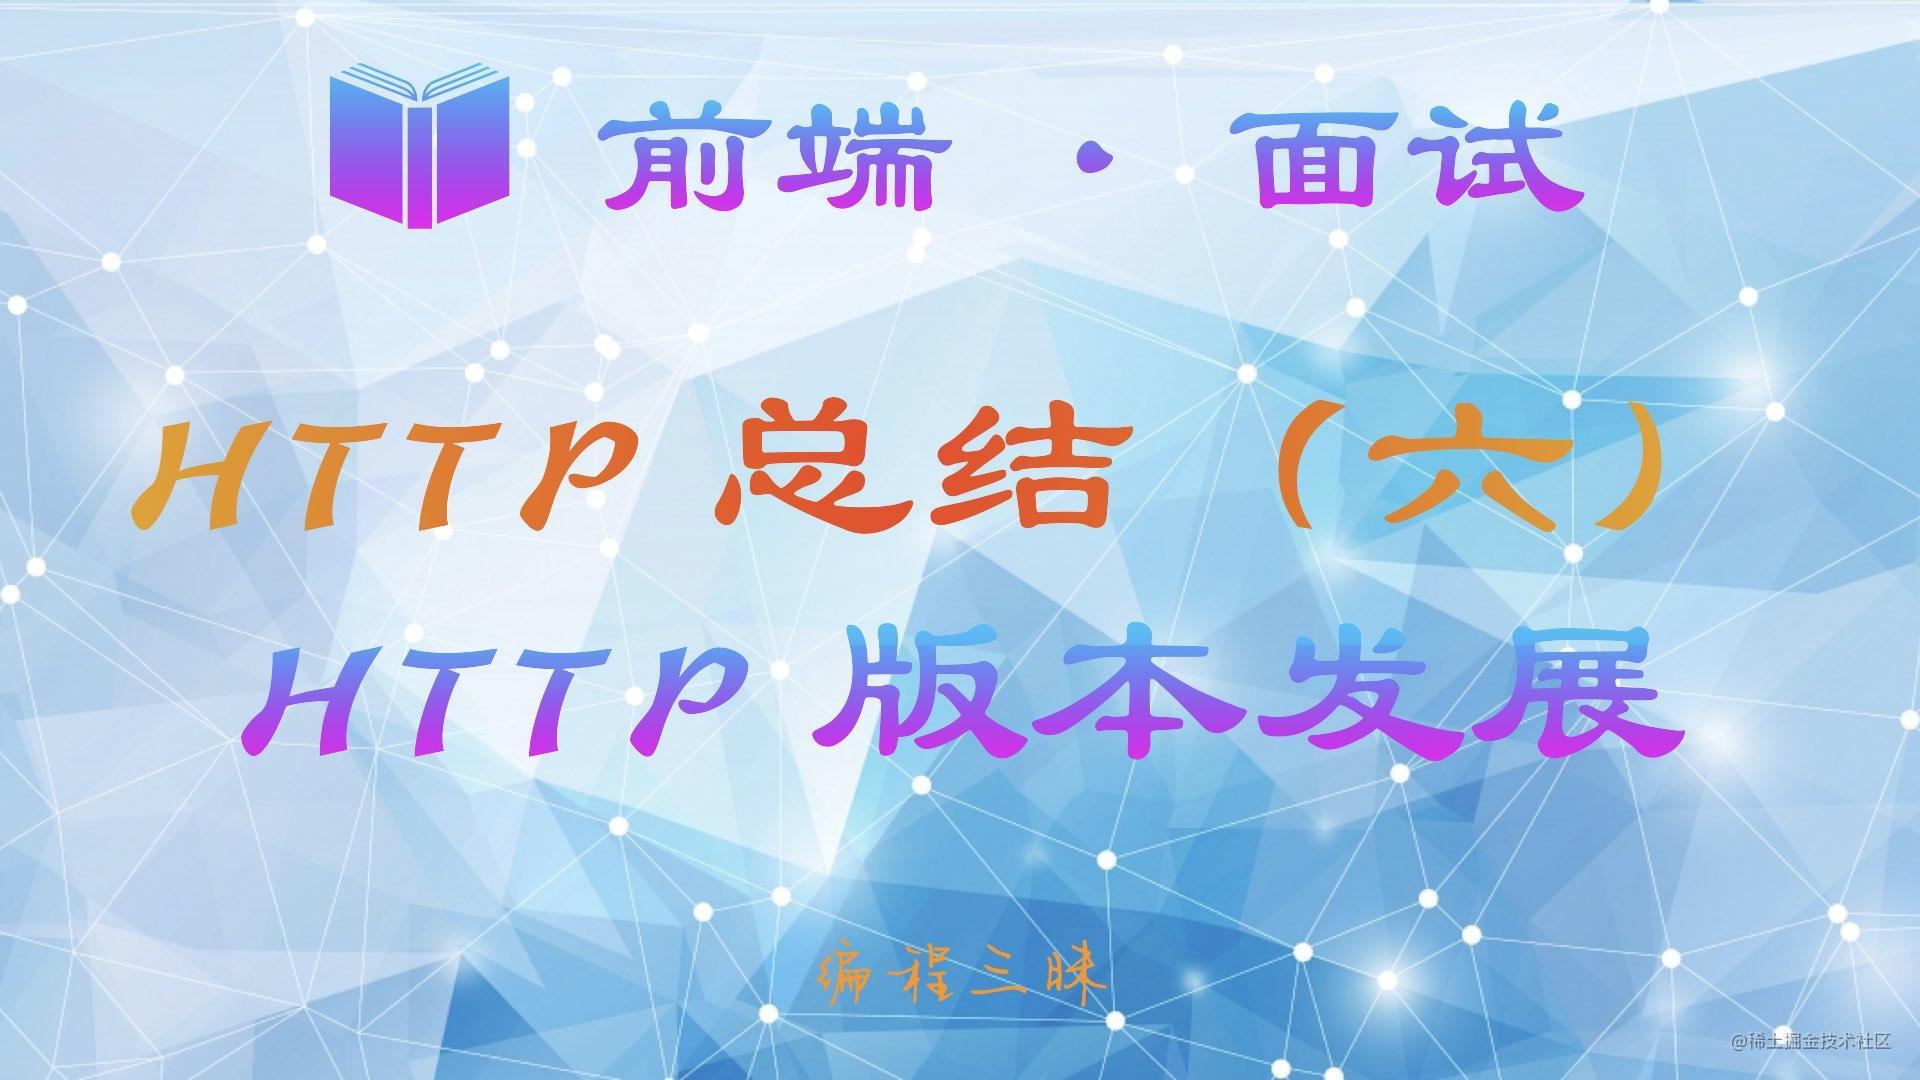 HTTP 版本发展